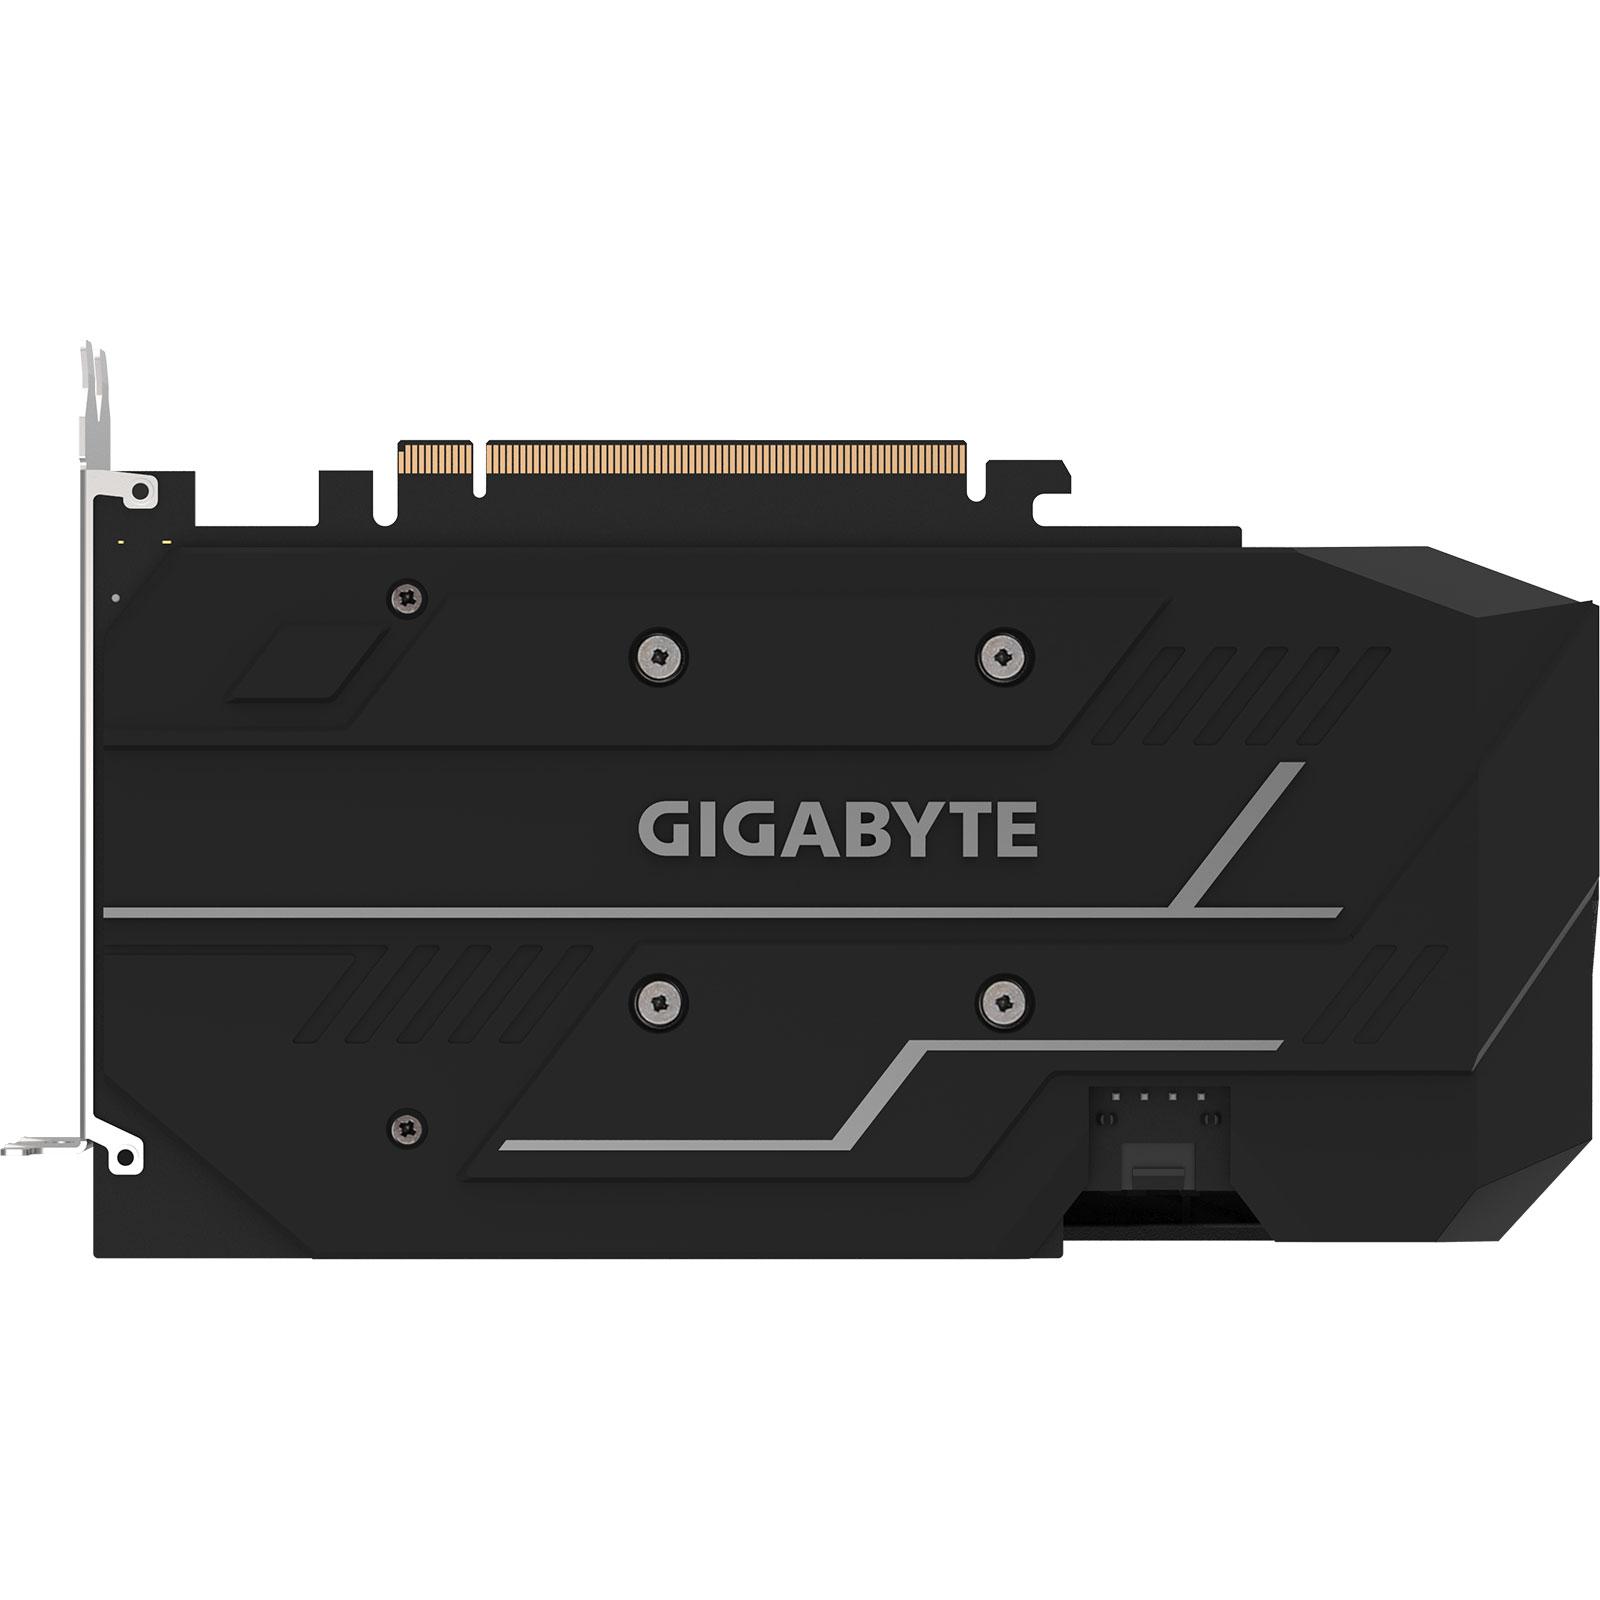 Gigabyte GV-N166TOC-6GD 6Go - Carte graphique Gigabyte - 2